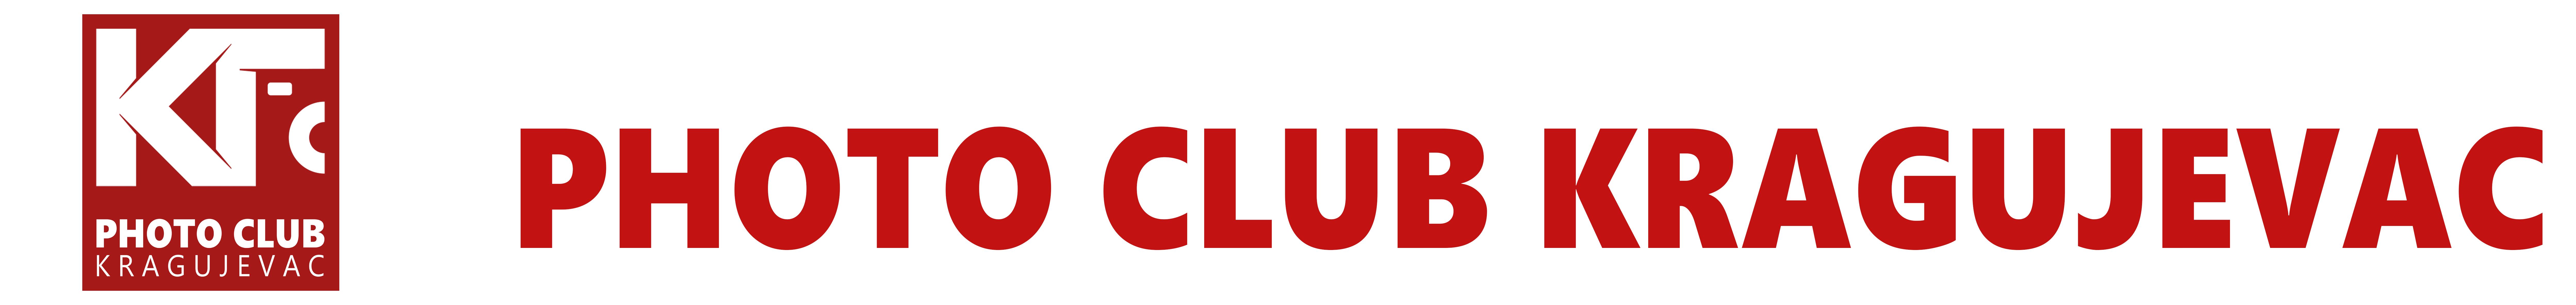 Photo Club Kragujevac Logo